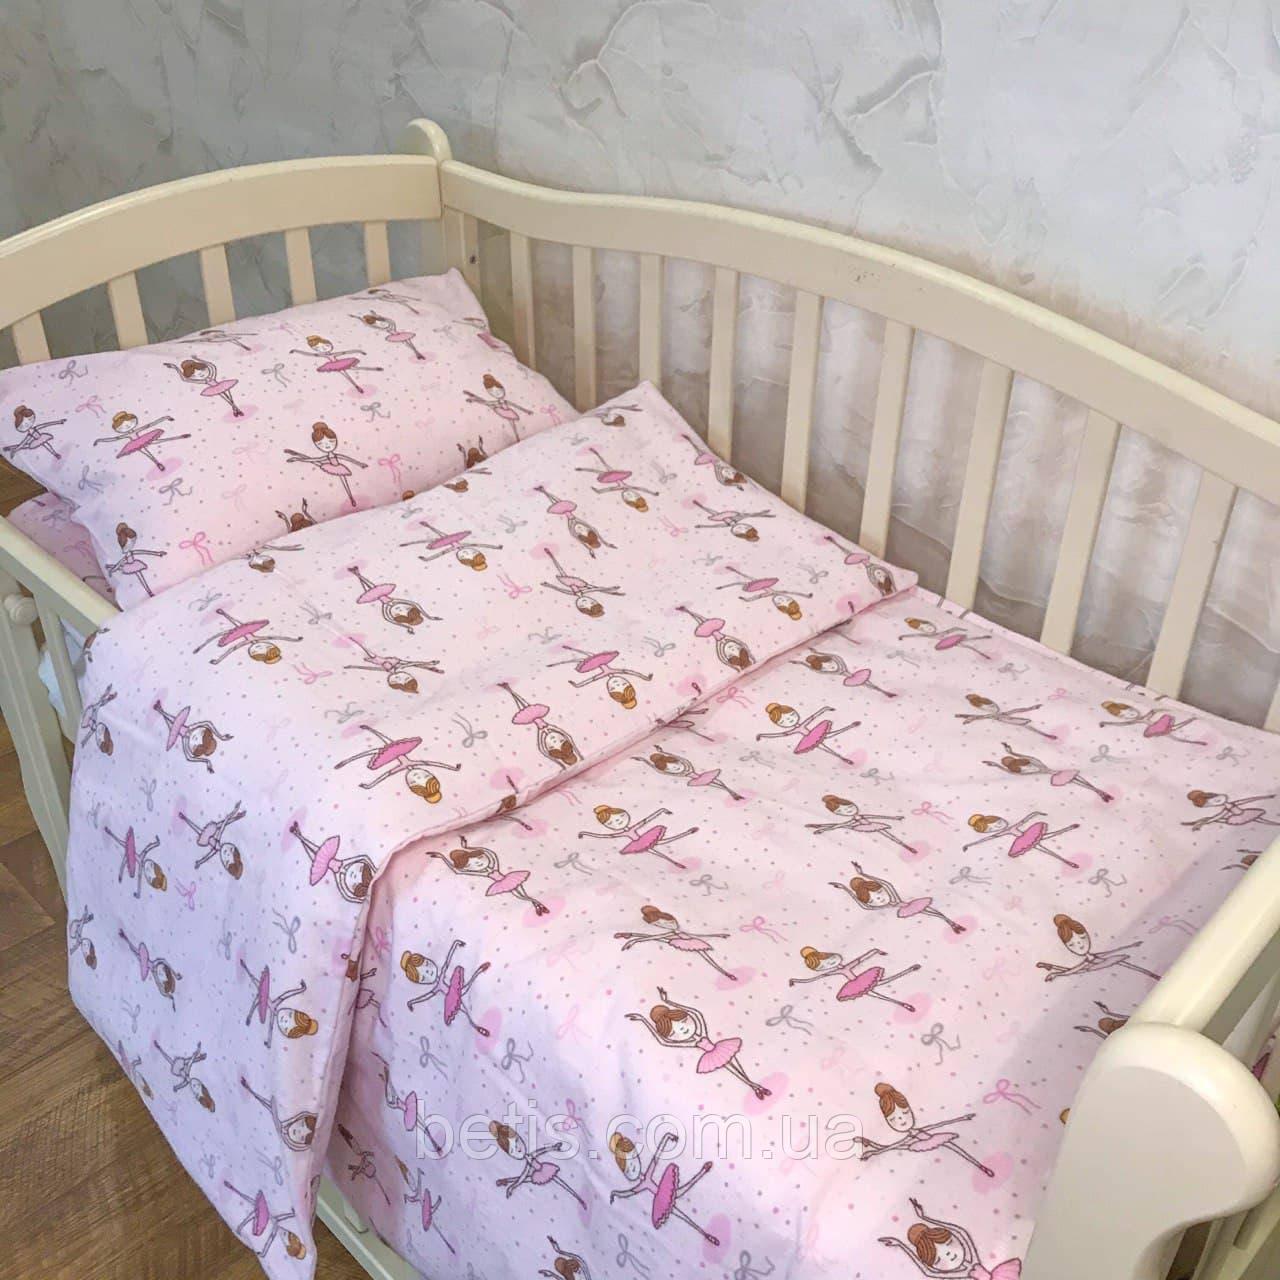 """Бетис / Комплект постельного белья """"Маленька балерина"""" Фланель Пудра"""